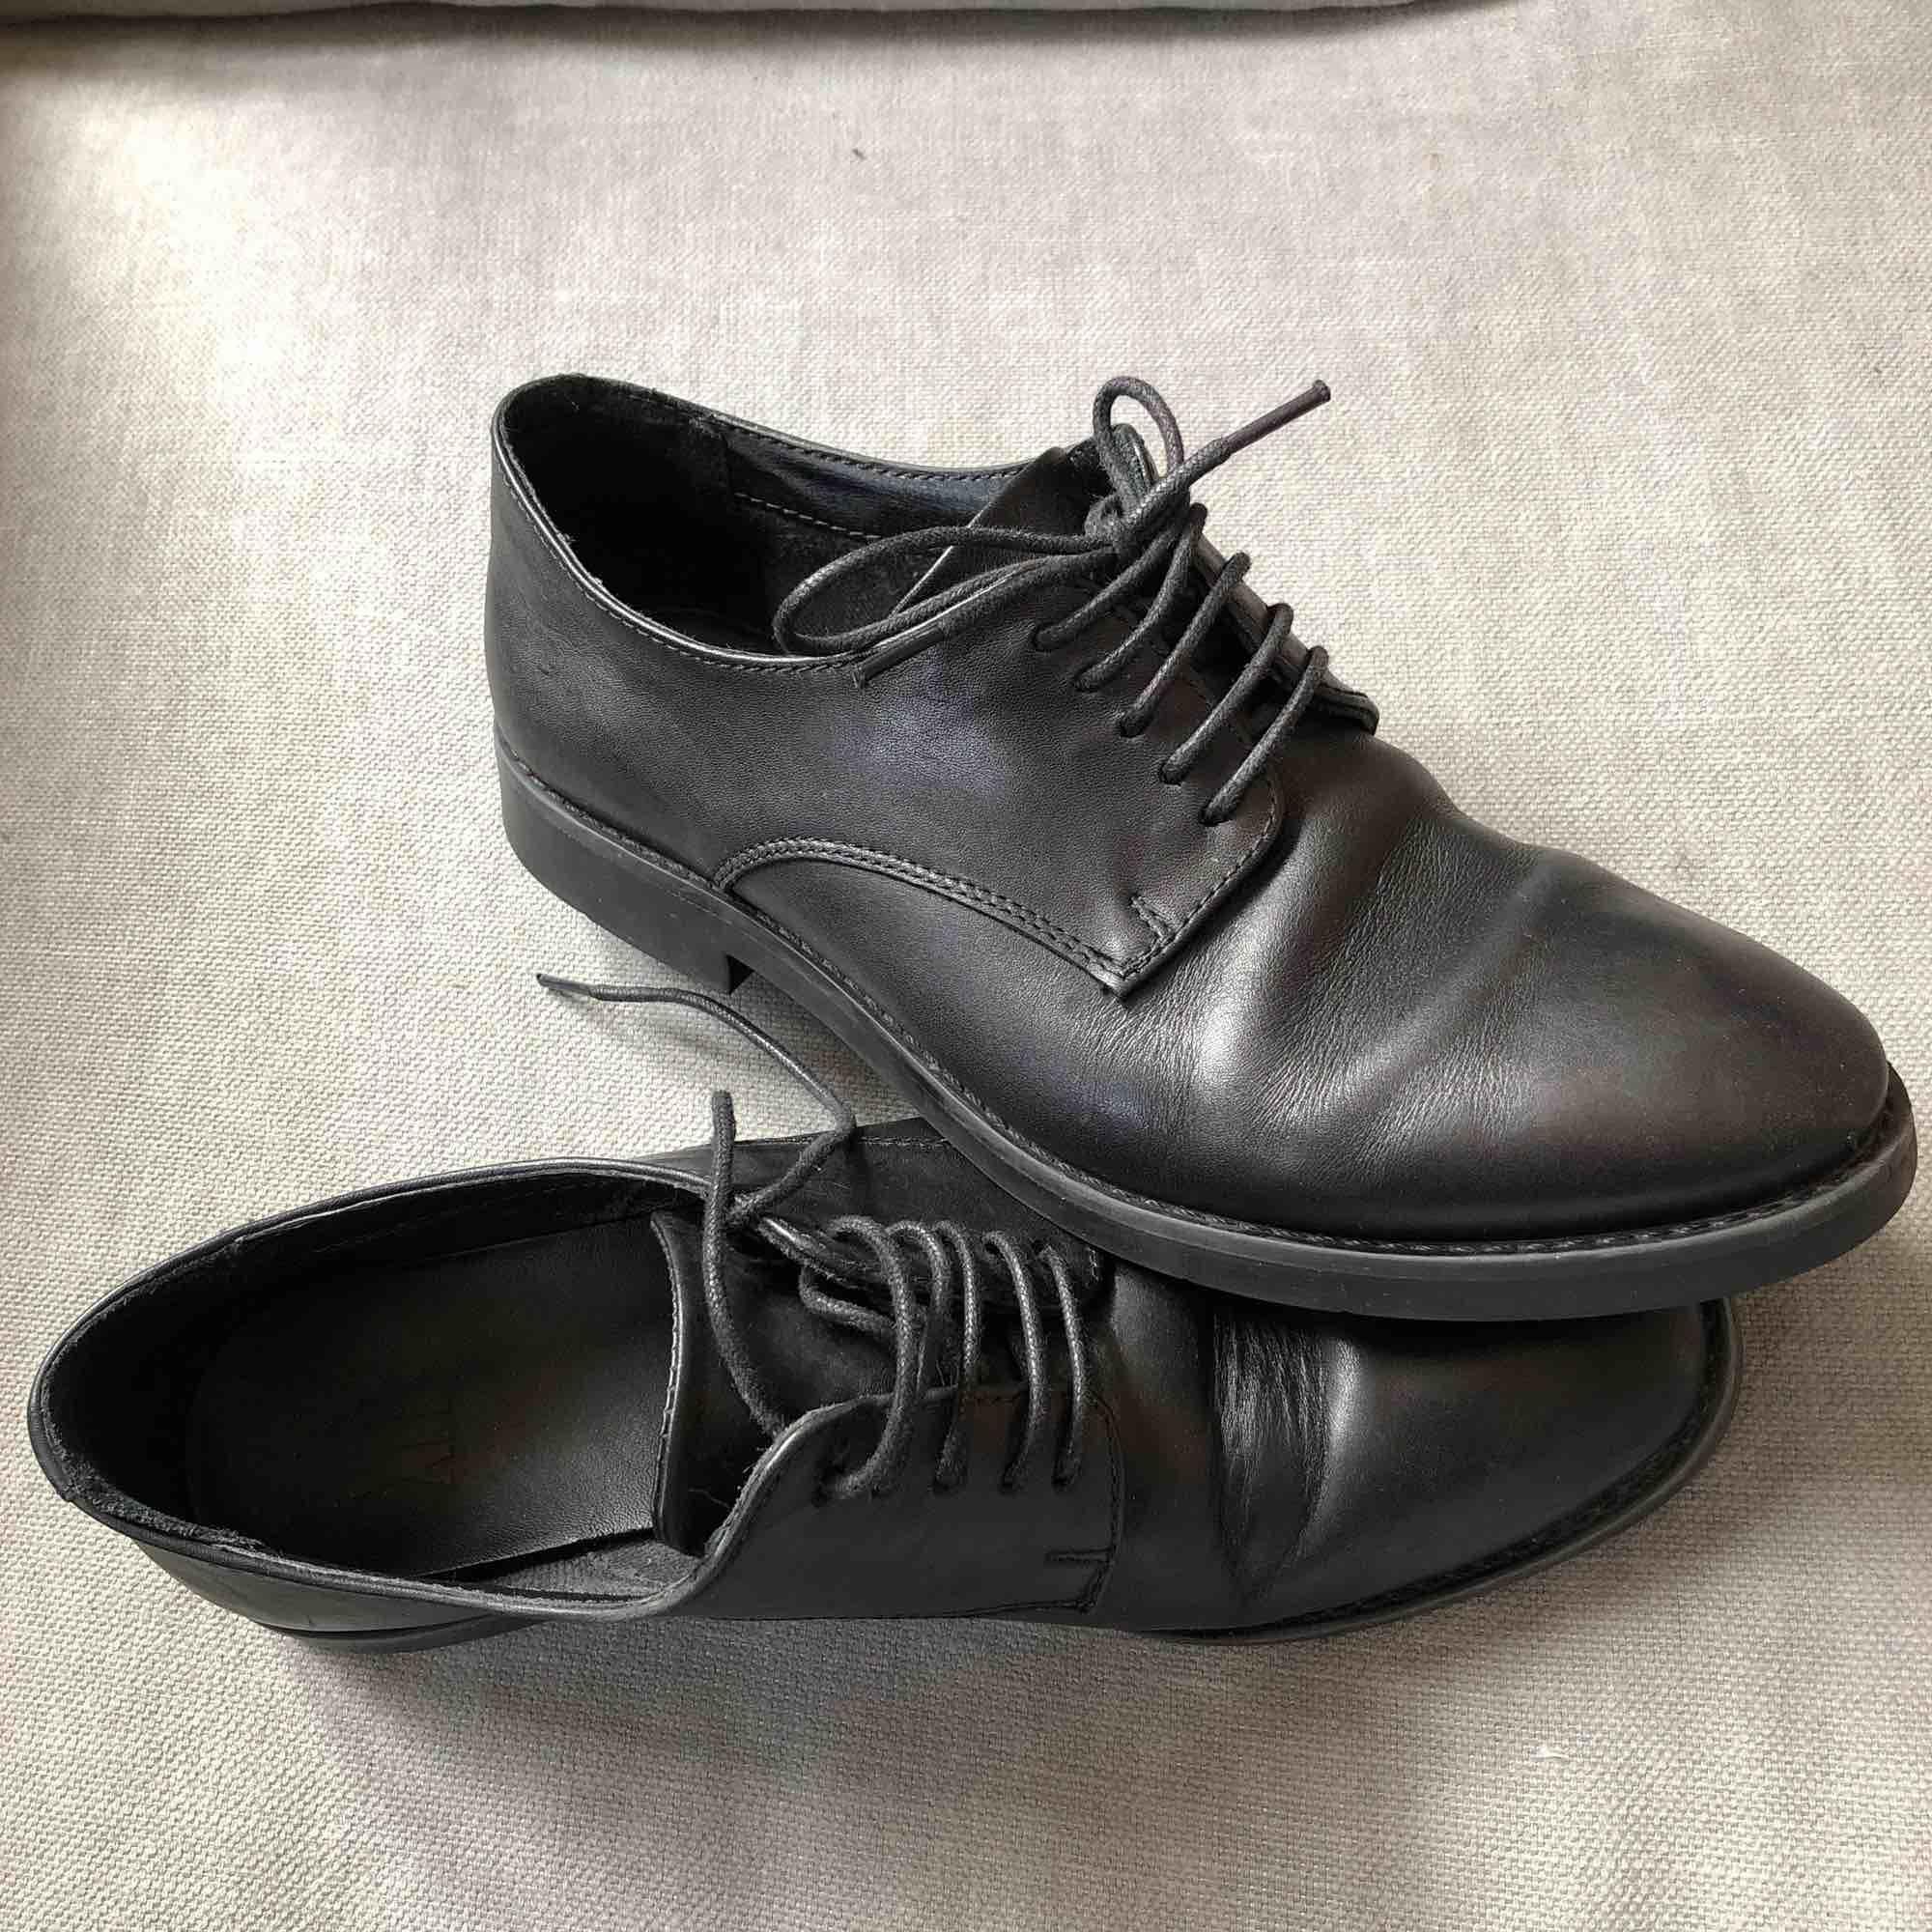 Svarta läderskor i storlek 39, passar även bra på mig som har 38-38,5 i storlek. Väldigt bekväma att ha på sig länge. Köptes för ca 2 år sedan, nästan bara använd inomhus i kontor så därav fortfarande väldigt bra skick. . Skor.